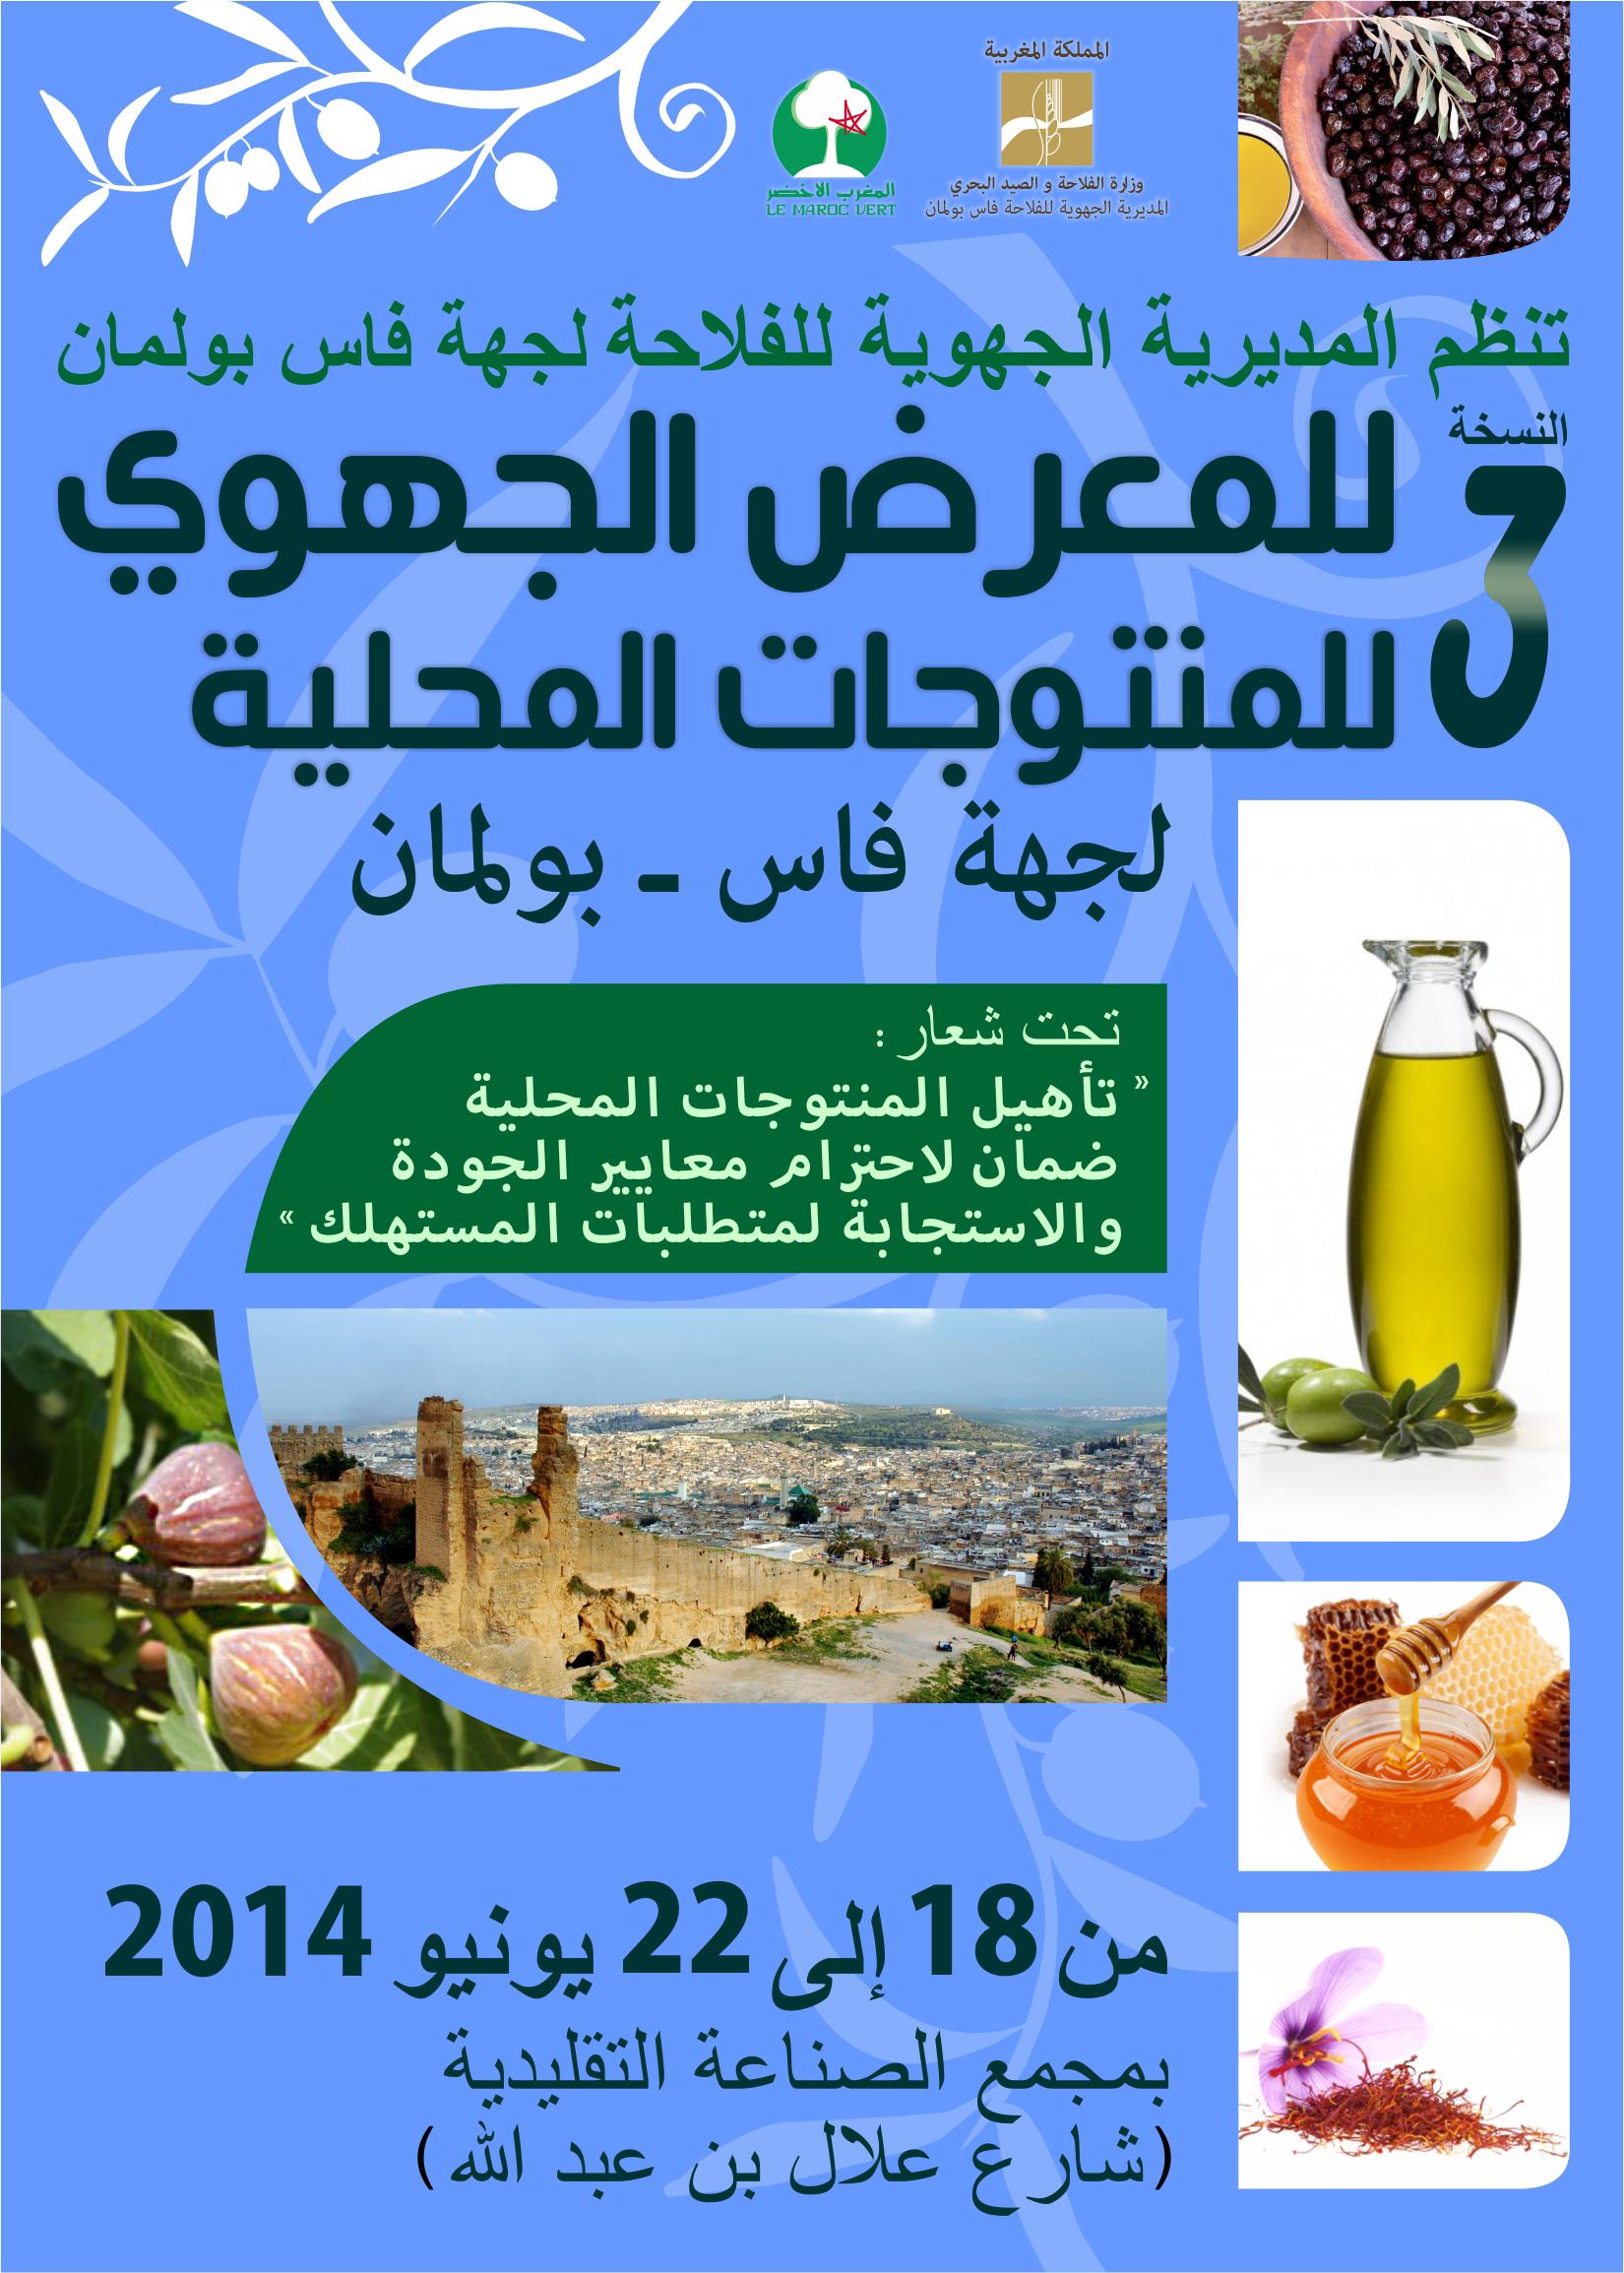 المعرض الجهوي للمنتوجات المحلية لجهة فاس بولمان من 18 الى 22 يونيو 2014